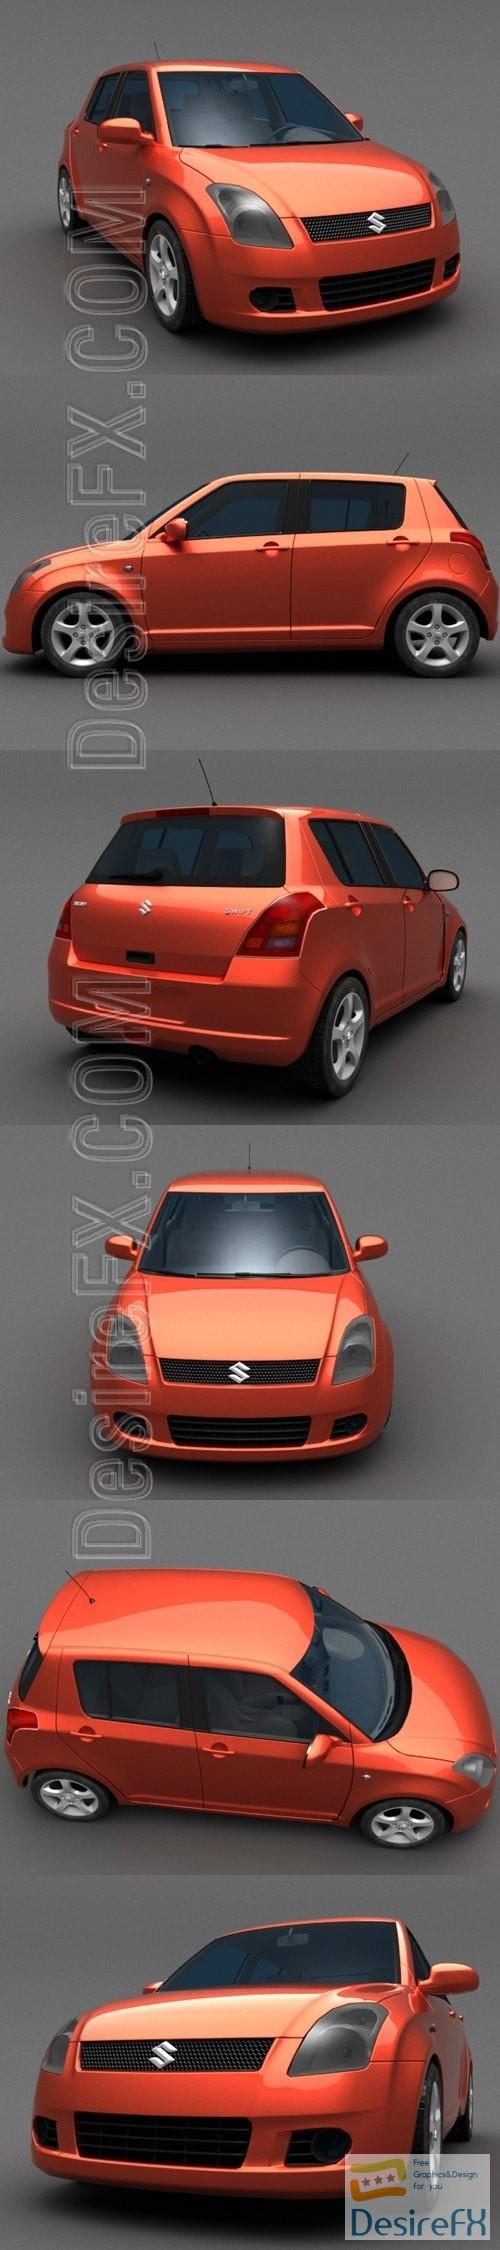 3d-models - Suzuki Swift 3D model